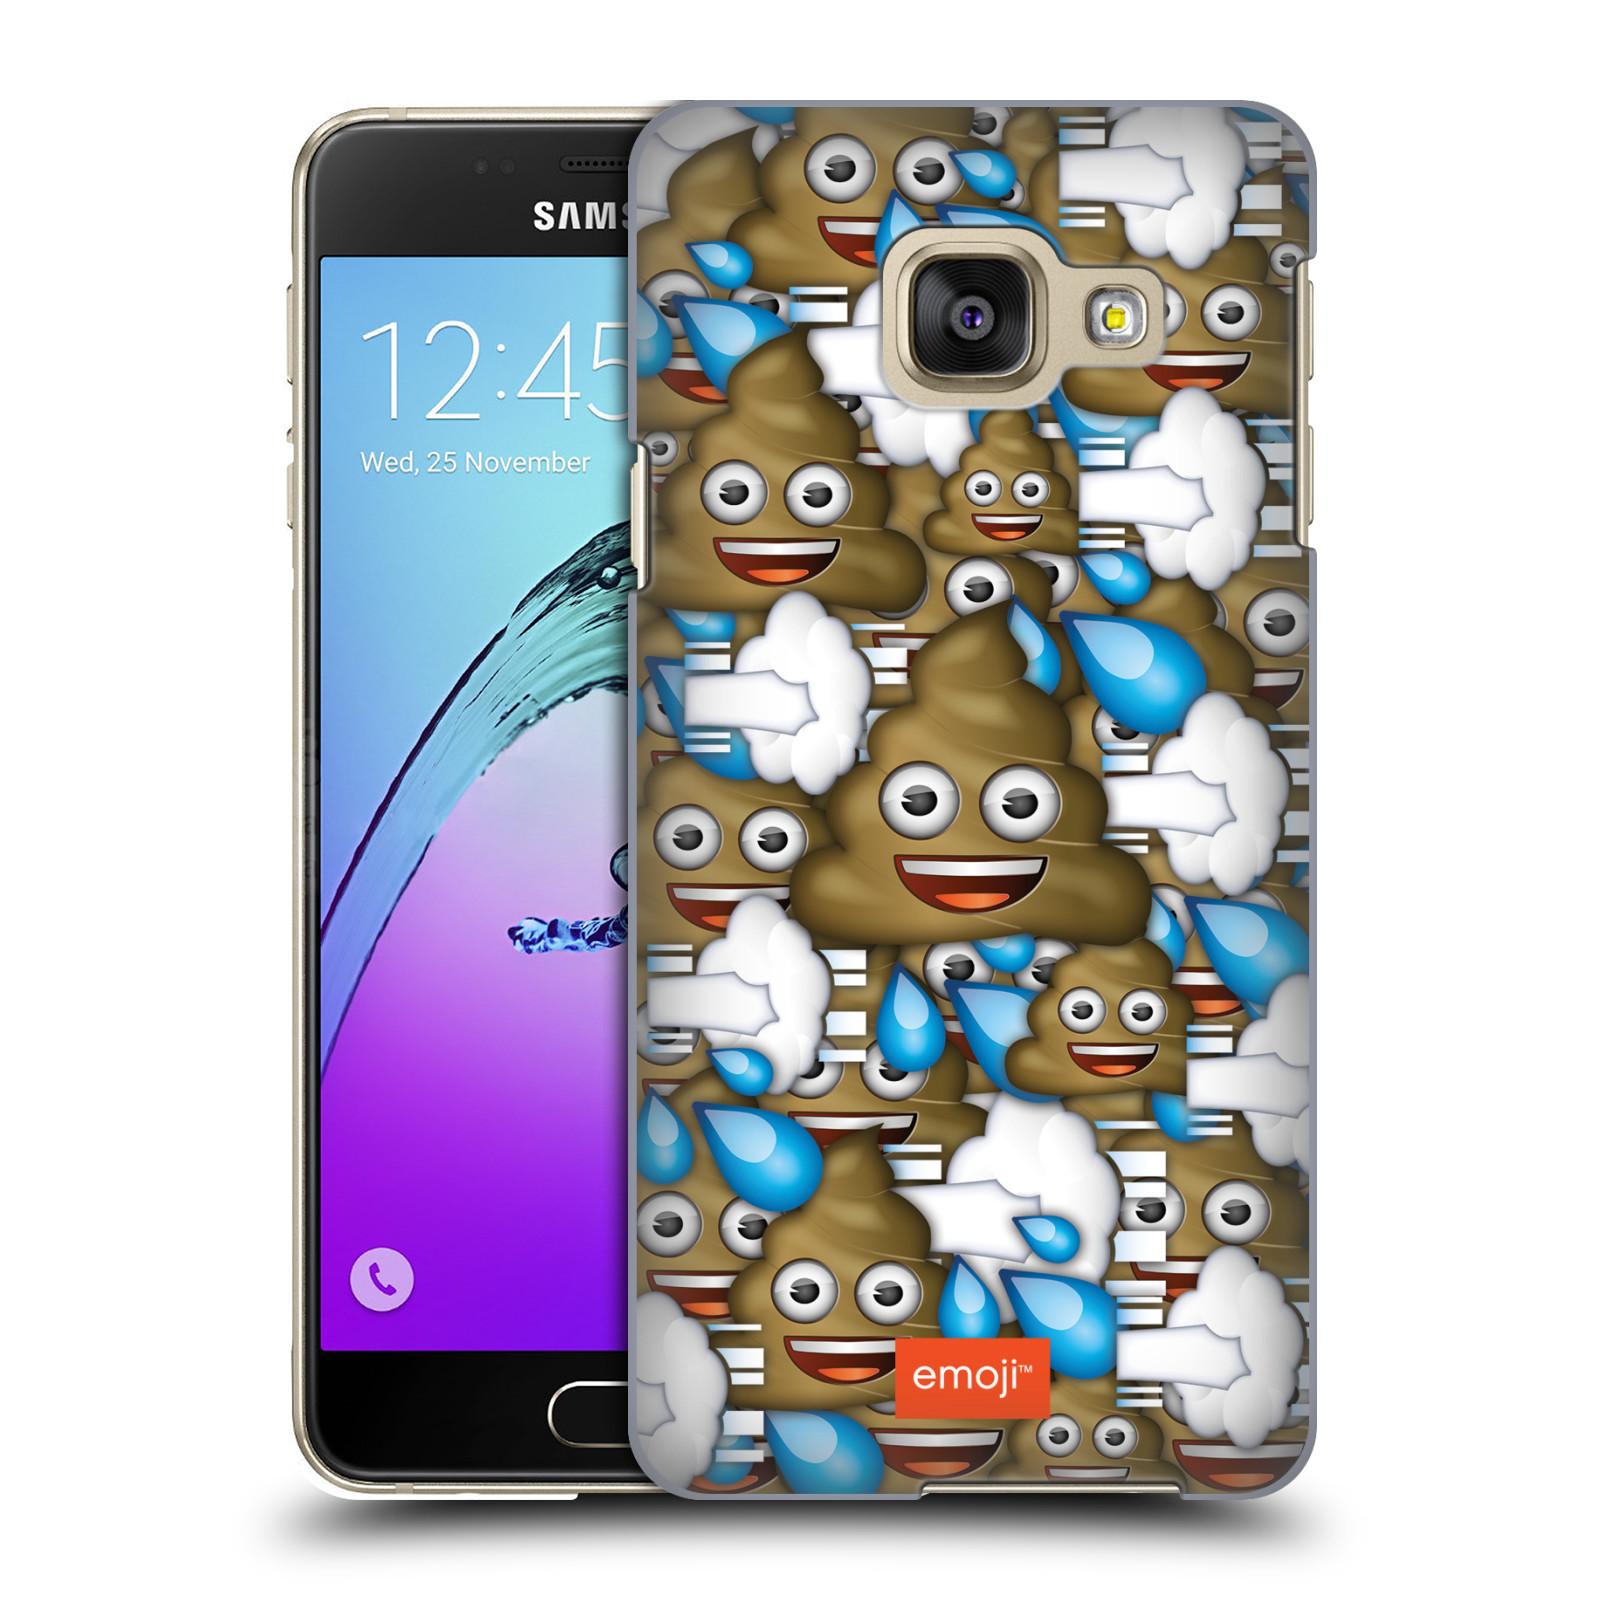 Plastové pouzdro na mobil Samsung Galaxy A3 (2016) HEAD CASE EMOJI - Hovínka a prdíky